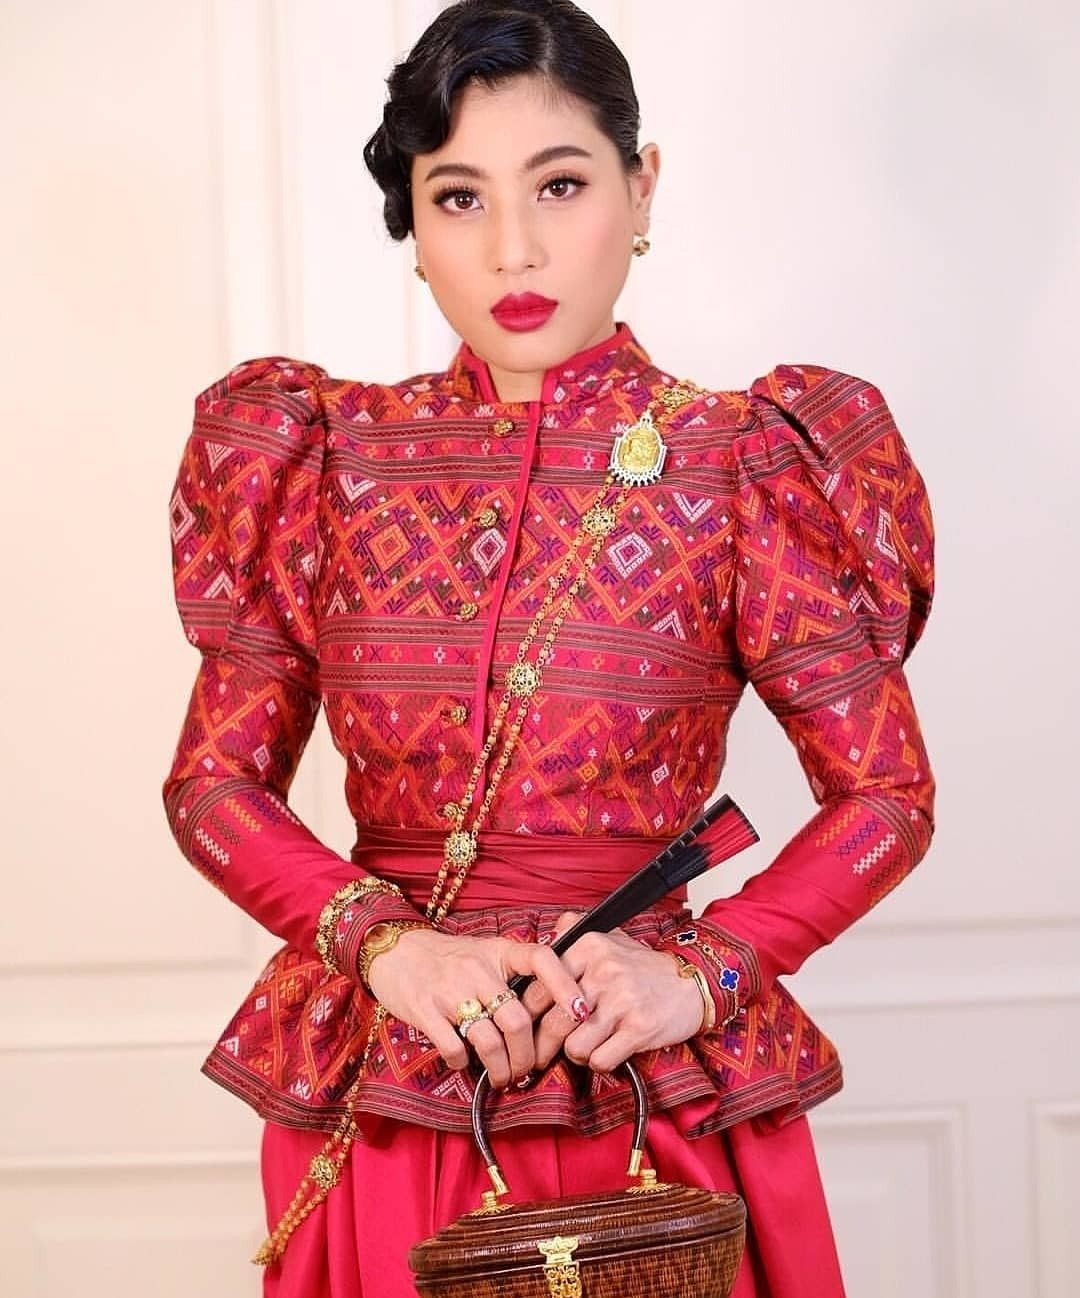 Дочь правящего короля Таиланда внароде едва ли непопулярнее своего отца. Бесспорно, красавица. Еще испортсменка: увлекается бадминтоном, конным ипарусным спортом. Кроме того, модный д...